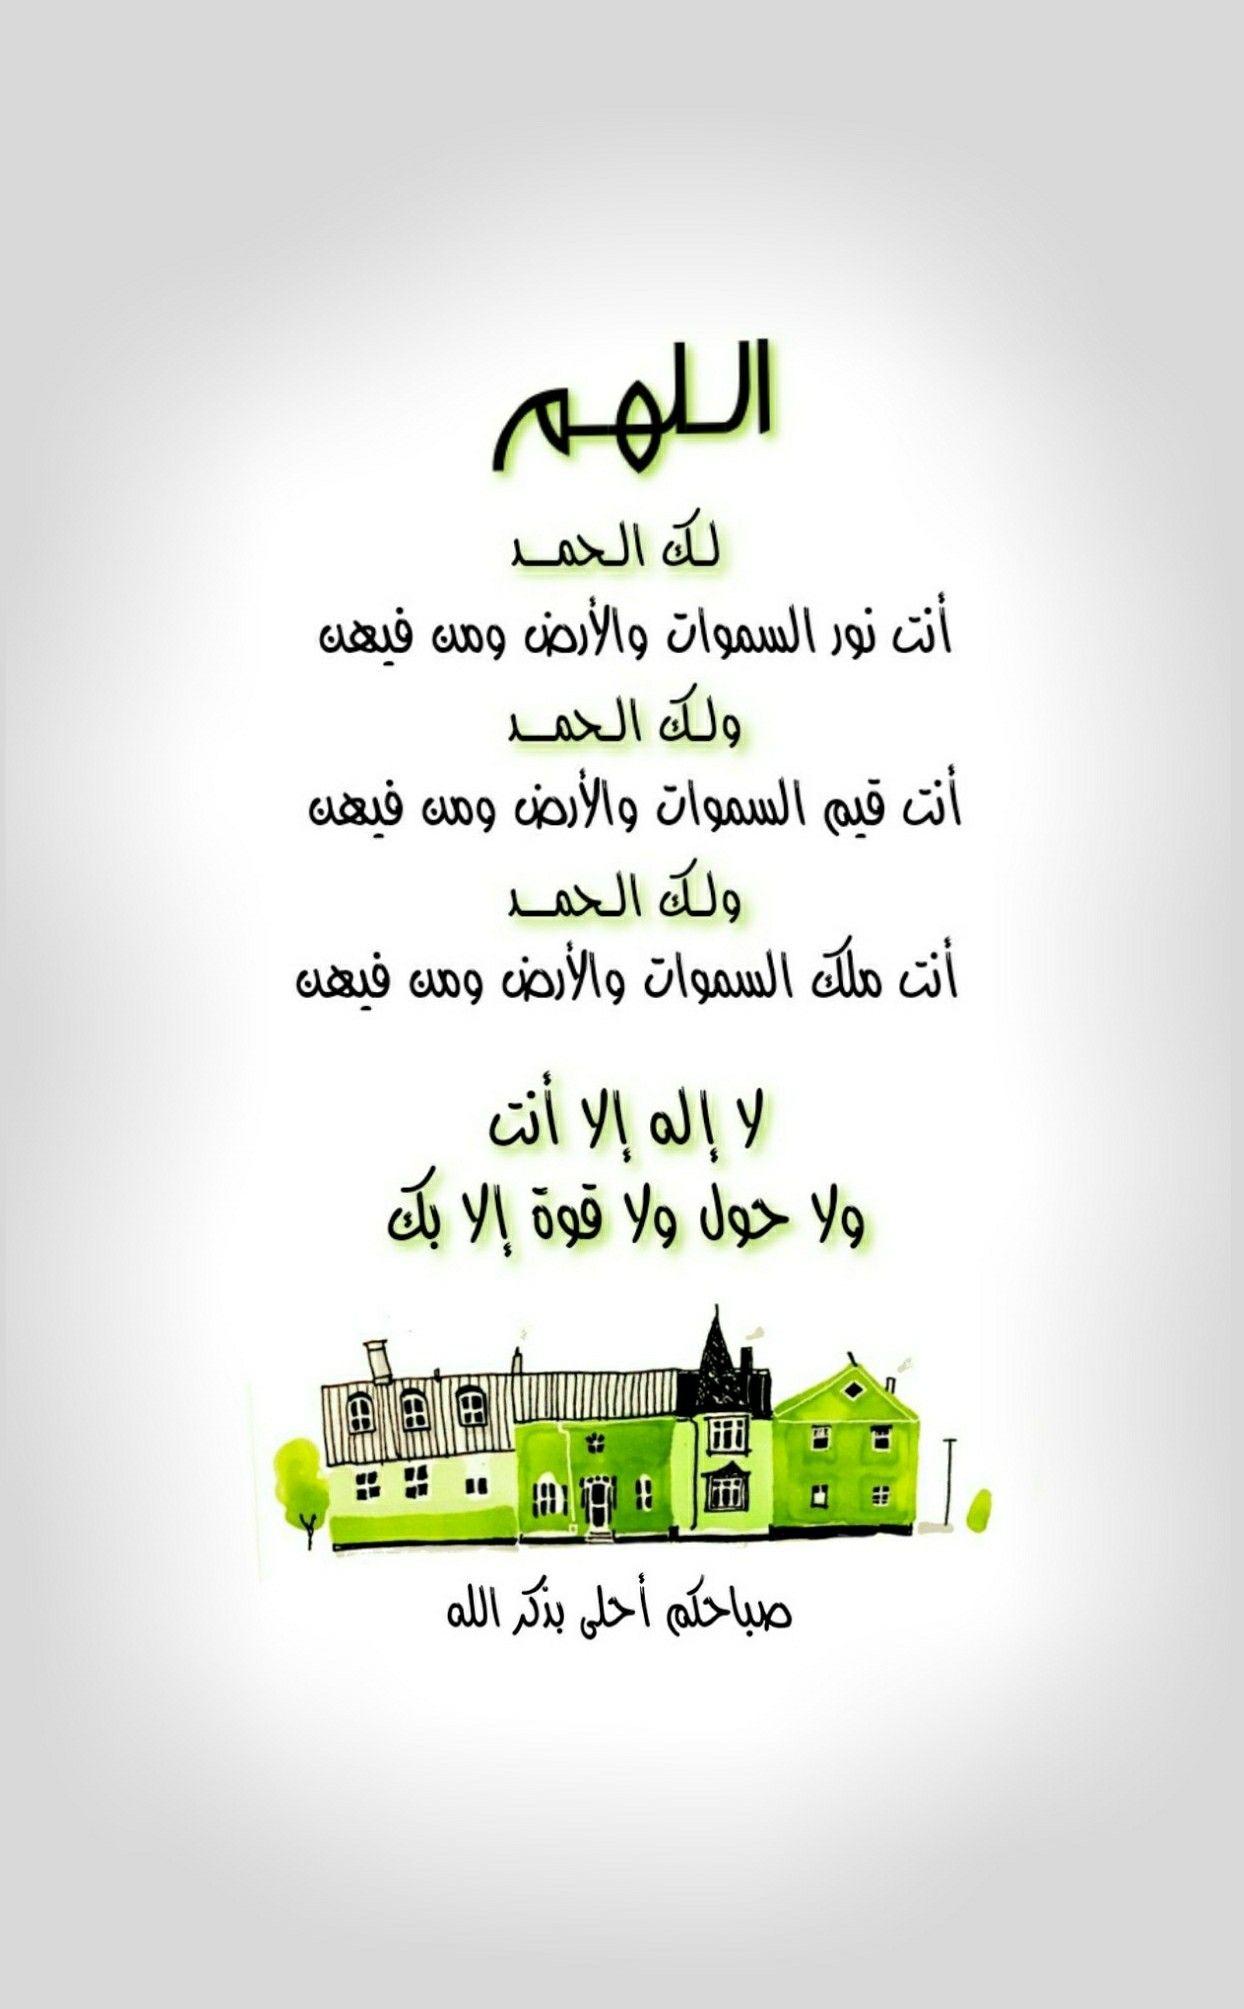 الـلهـم لـك الـحمــد أنت نور السموات والأرض ومن فيهن ولـك الـحمــد أنت قيم السموات والأ Morning Greetings Quotes Morning Quotes Images Good Morning Arabic